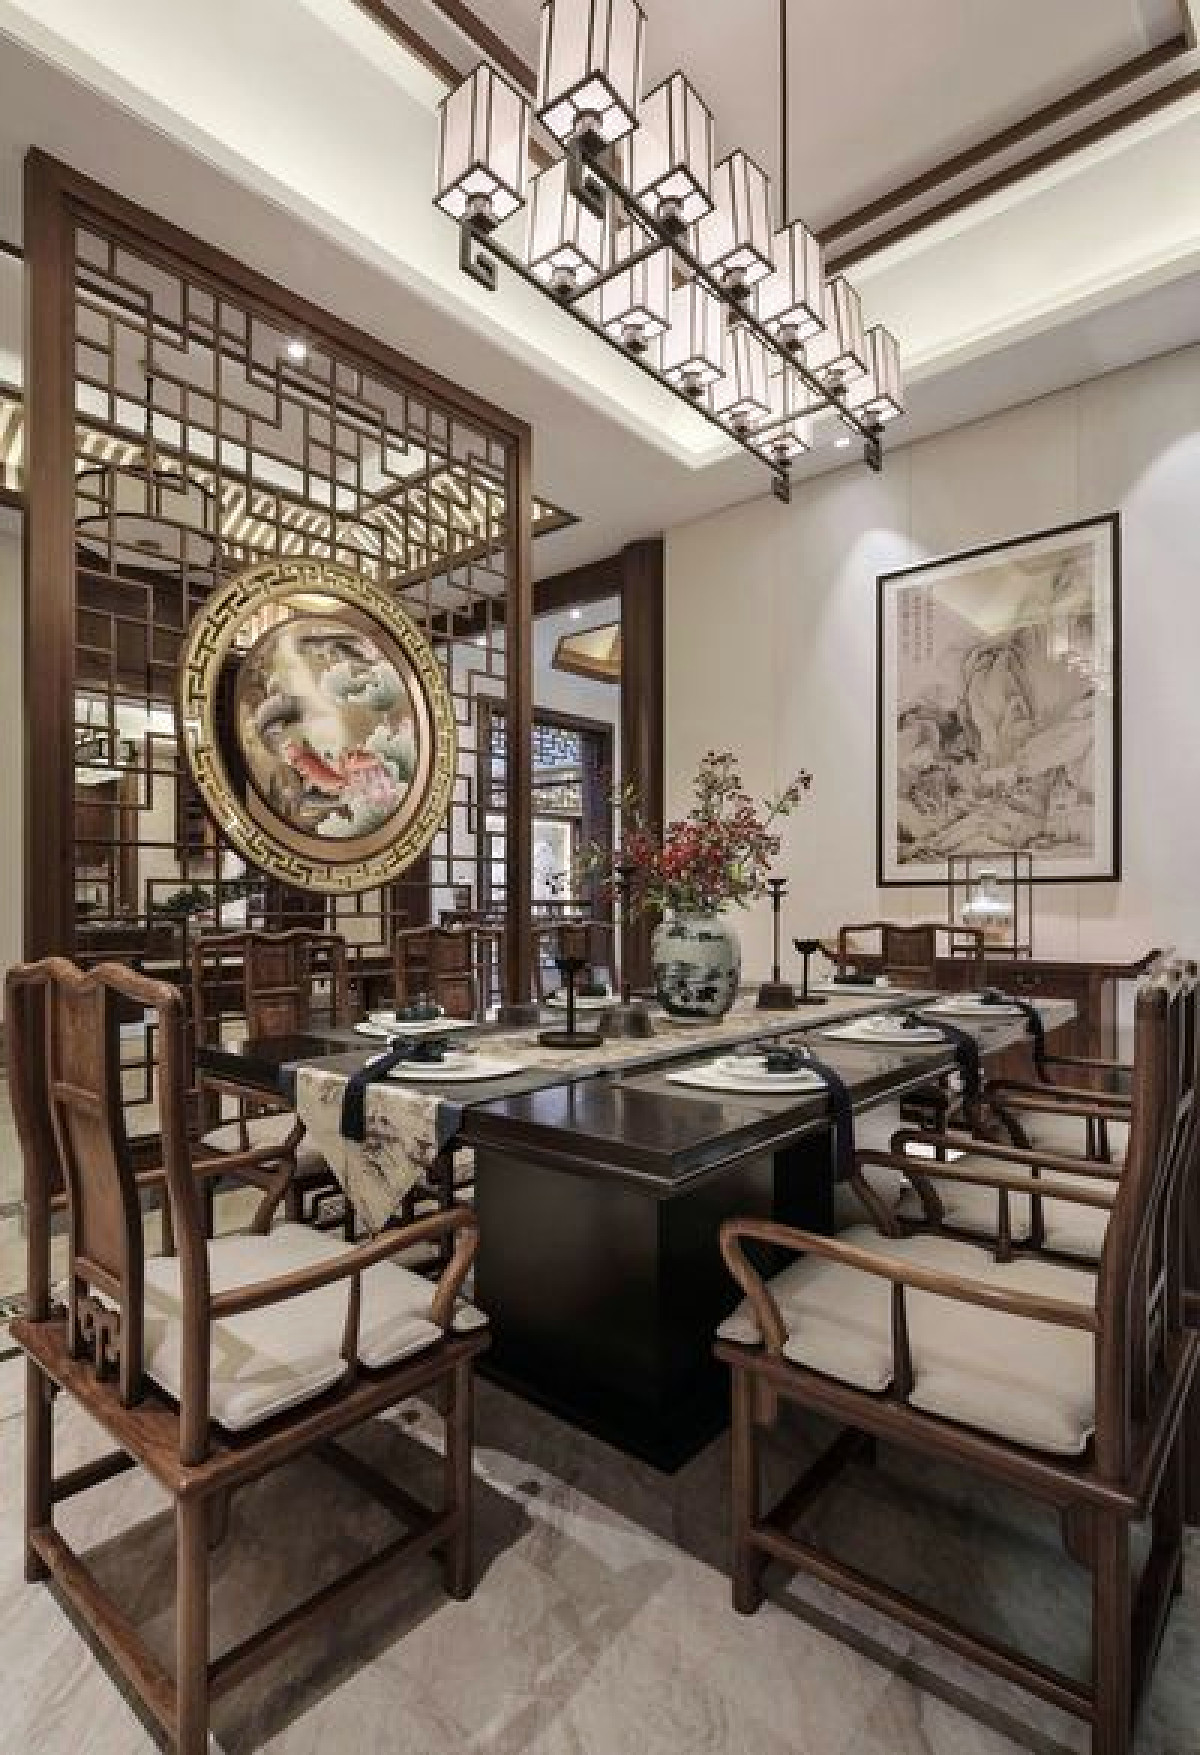 汤臣湖庭花园别墅项目装修新中式风格设计,上海腾龙别墅设计作品,欢迎品鉴